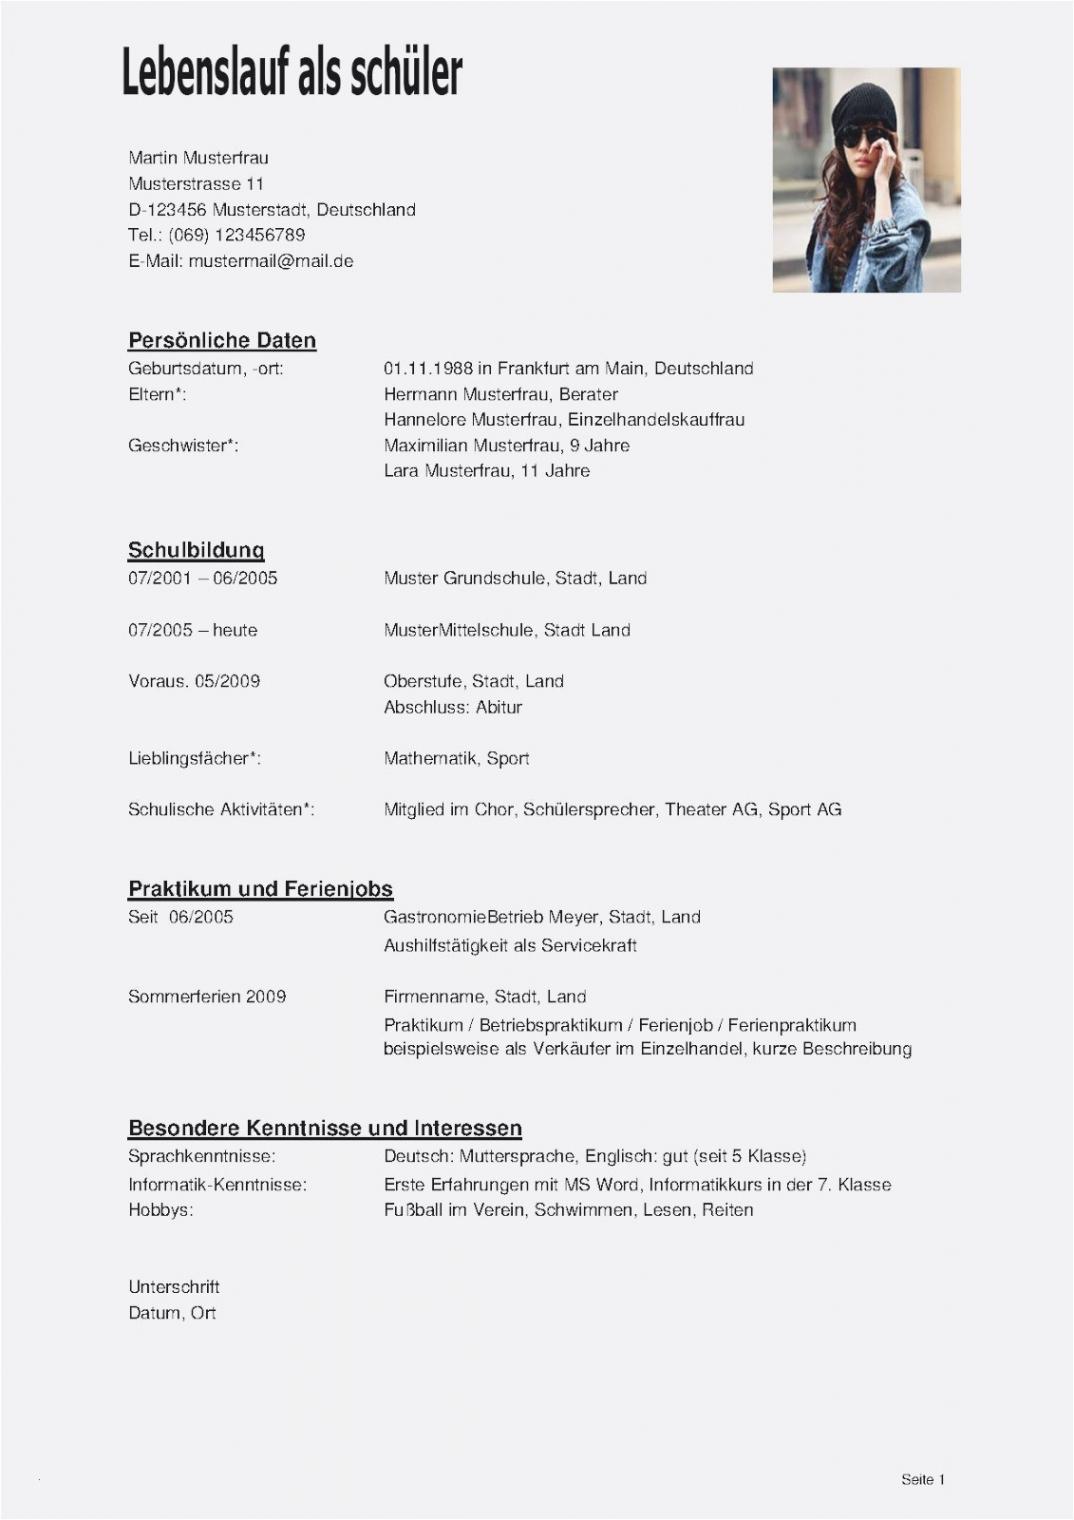 18+ Motivationsschreiben Englisch Muster  Rigarda Lebenslauf Vorlage Schweiz Englisch